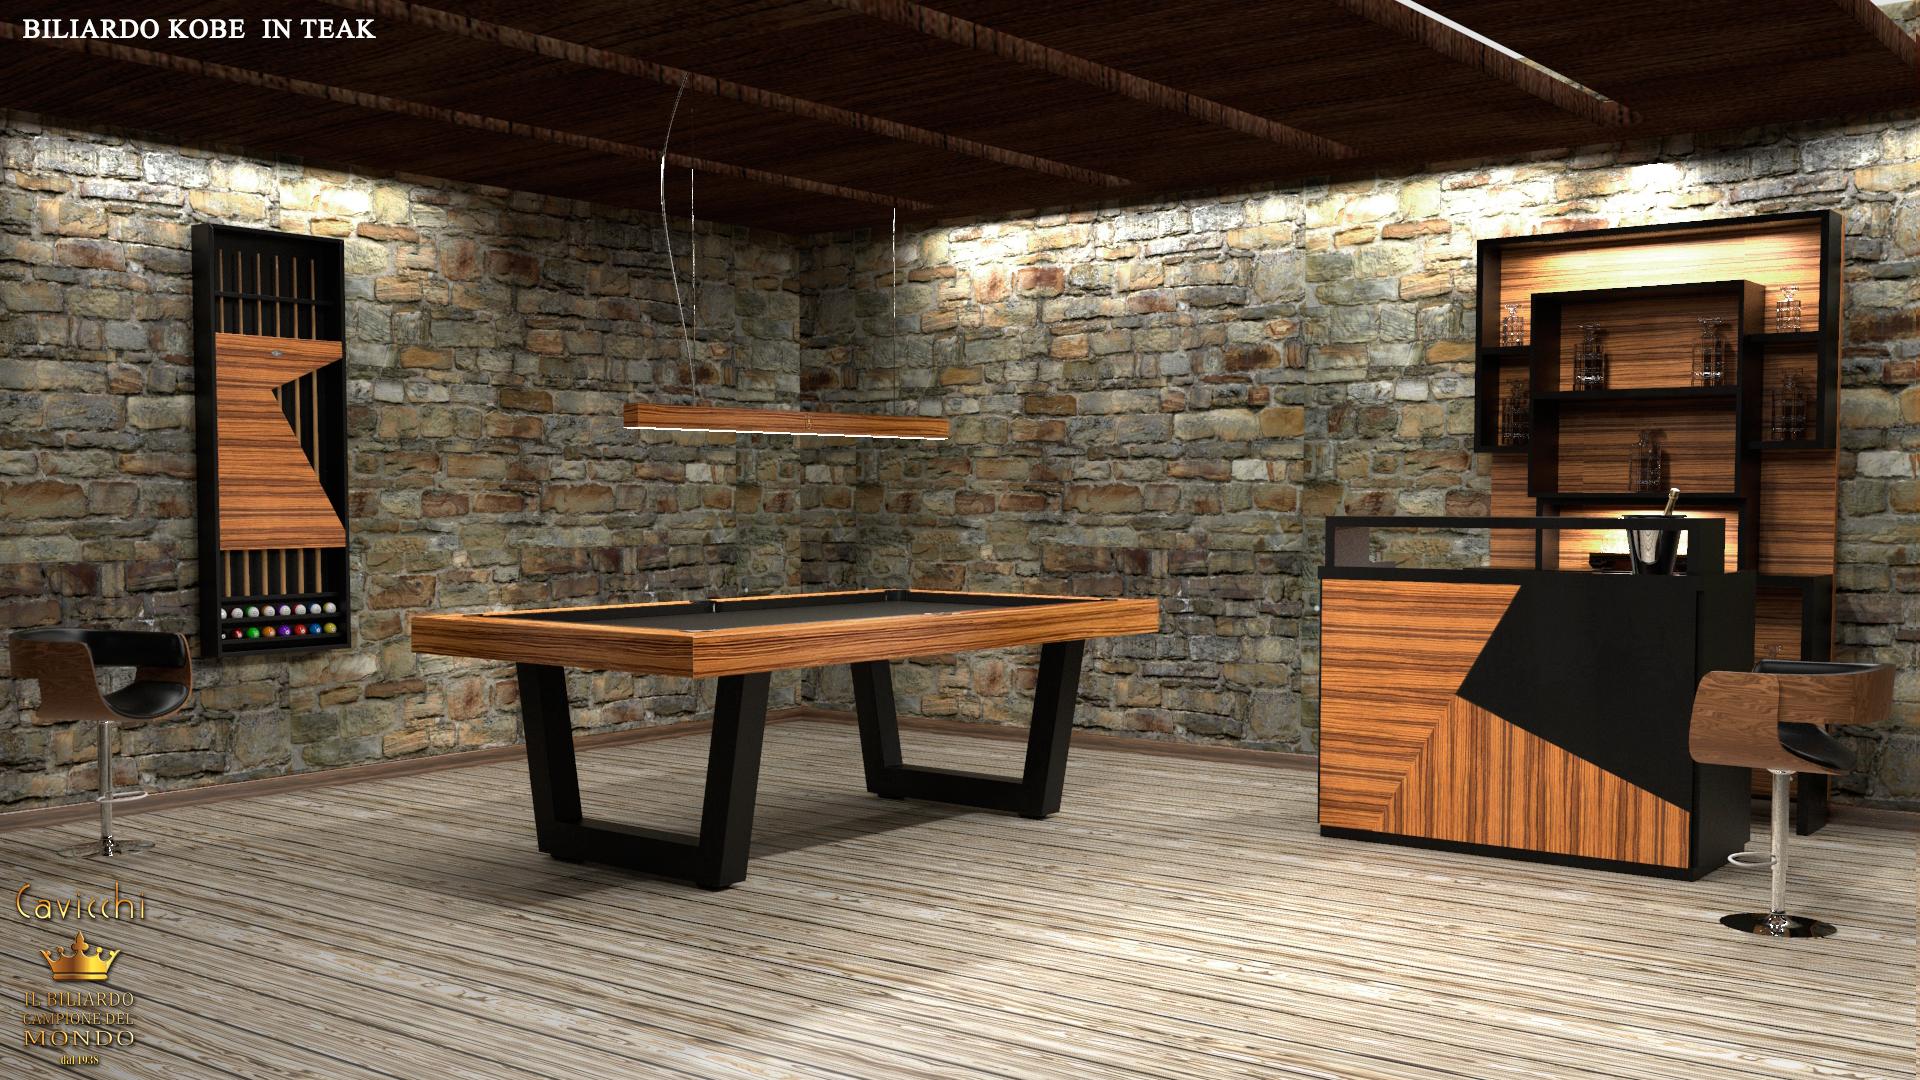 Biliardo tavolo Kobe Teak - Showroom shop 4